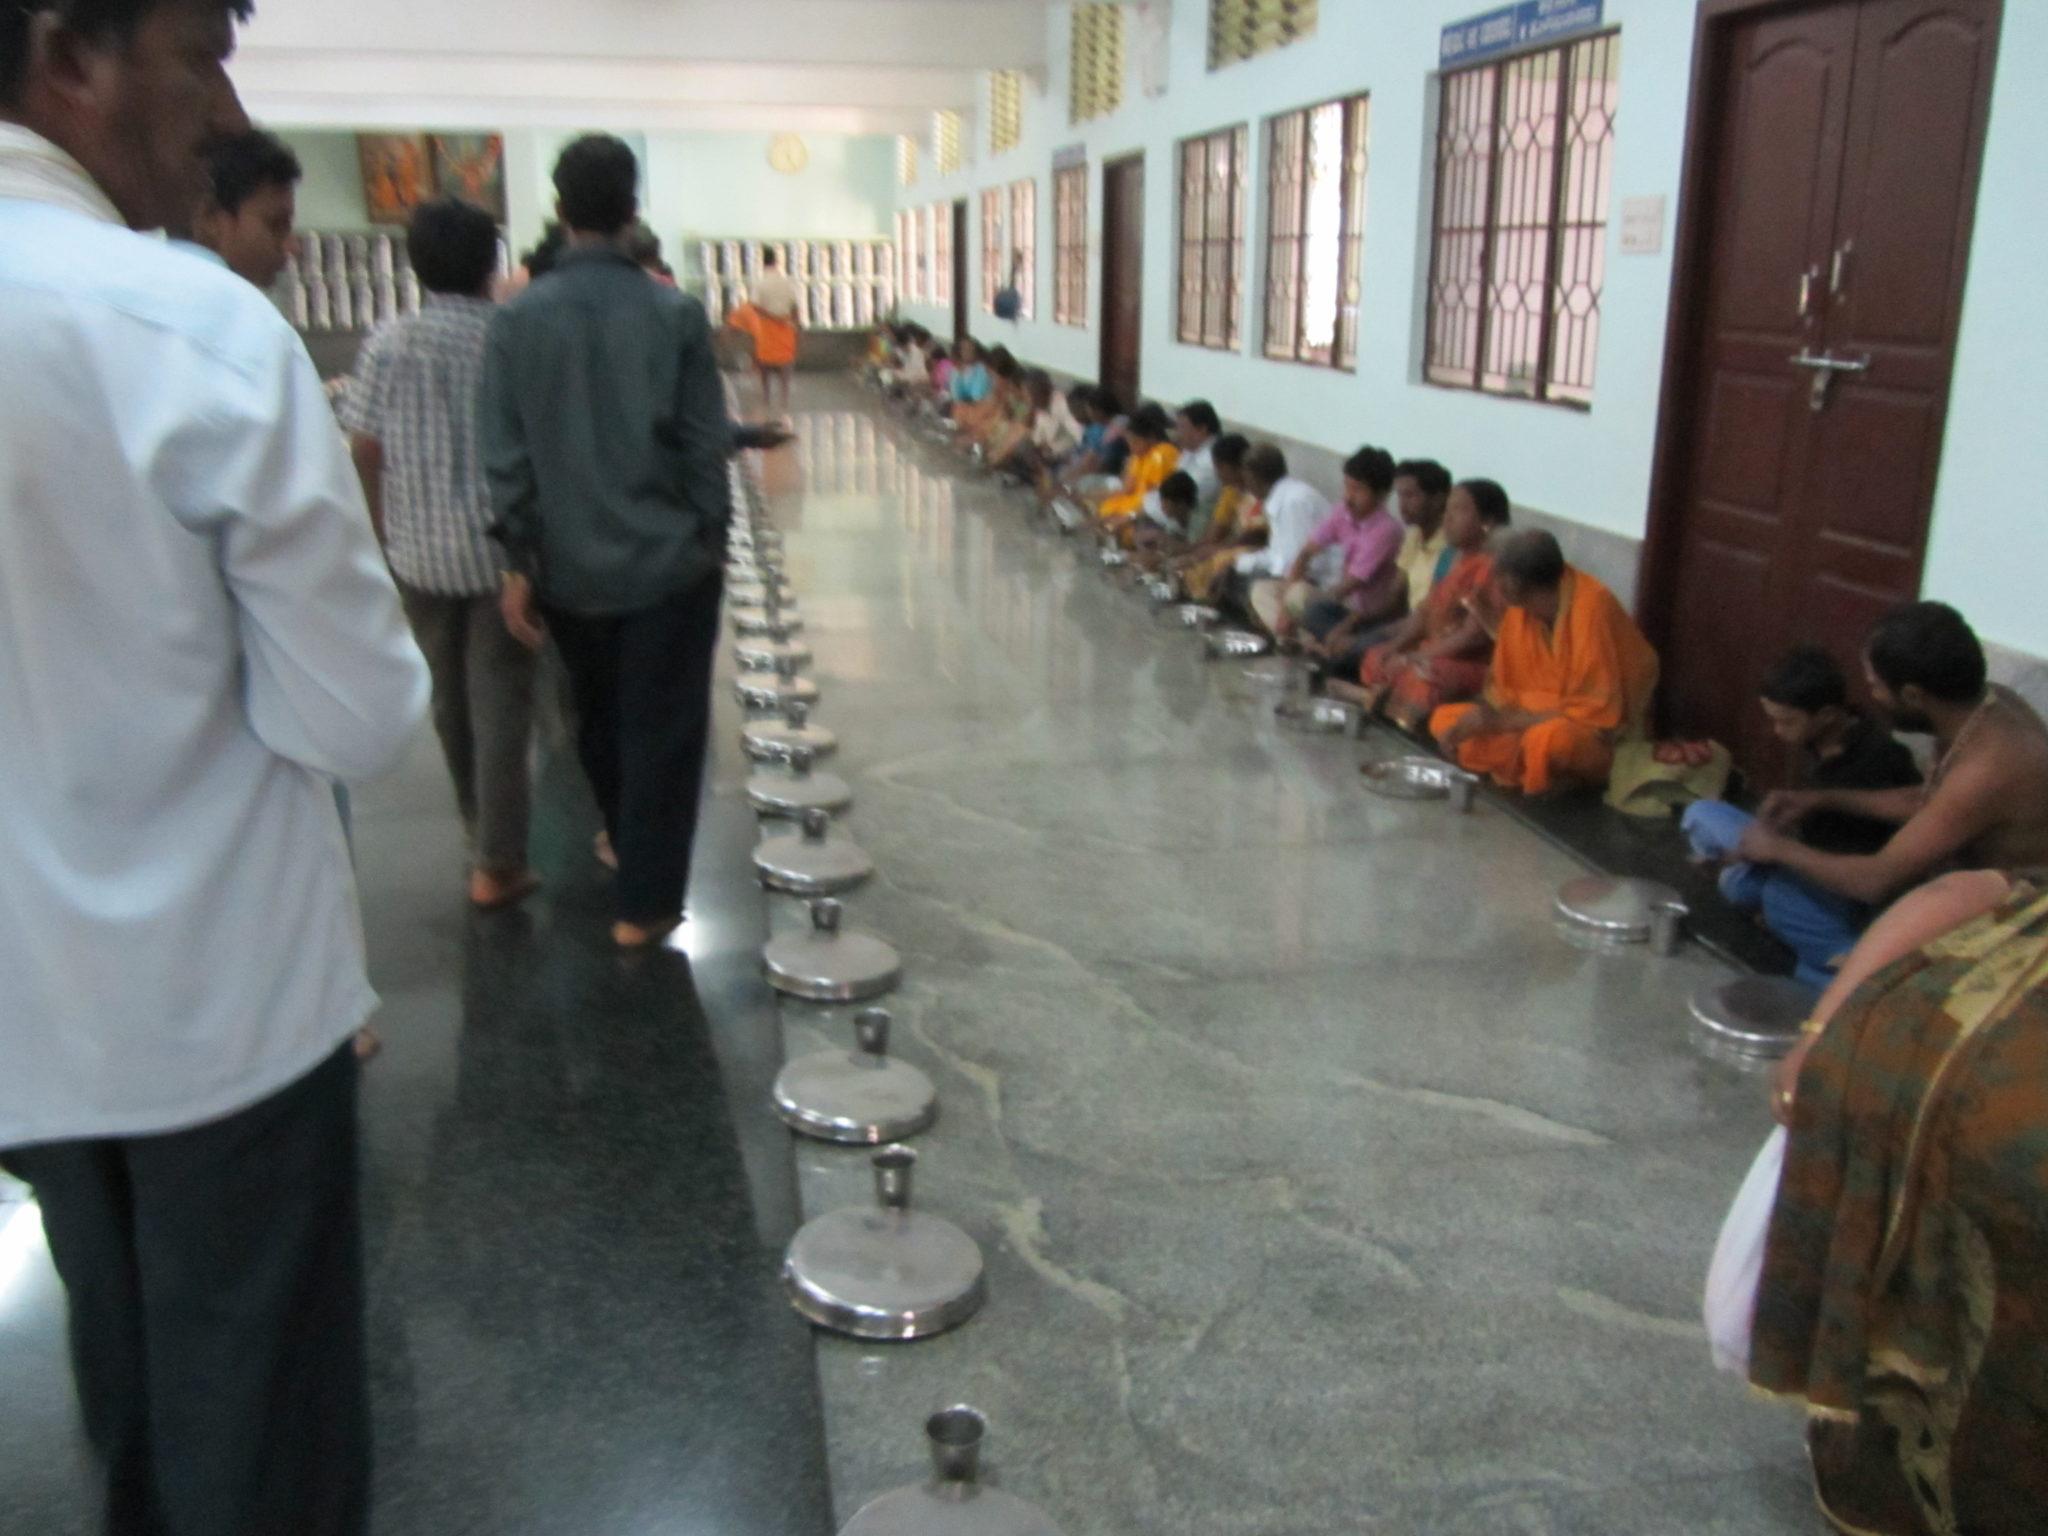 PIC 10-Annadana Hall at Horanadu Annapoorneshwari temple ...